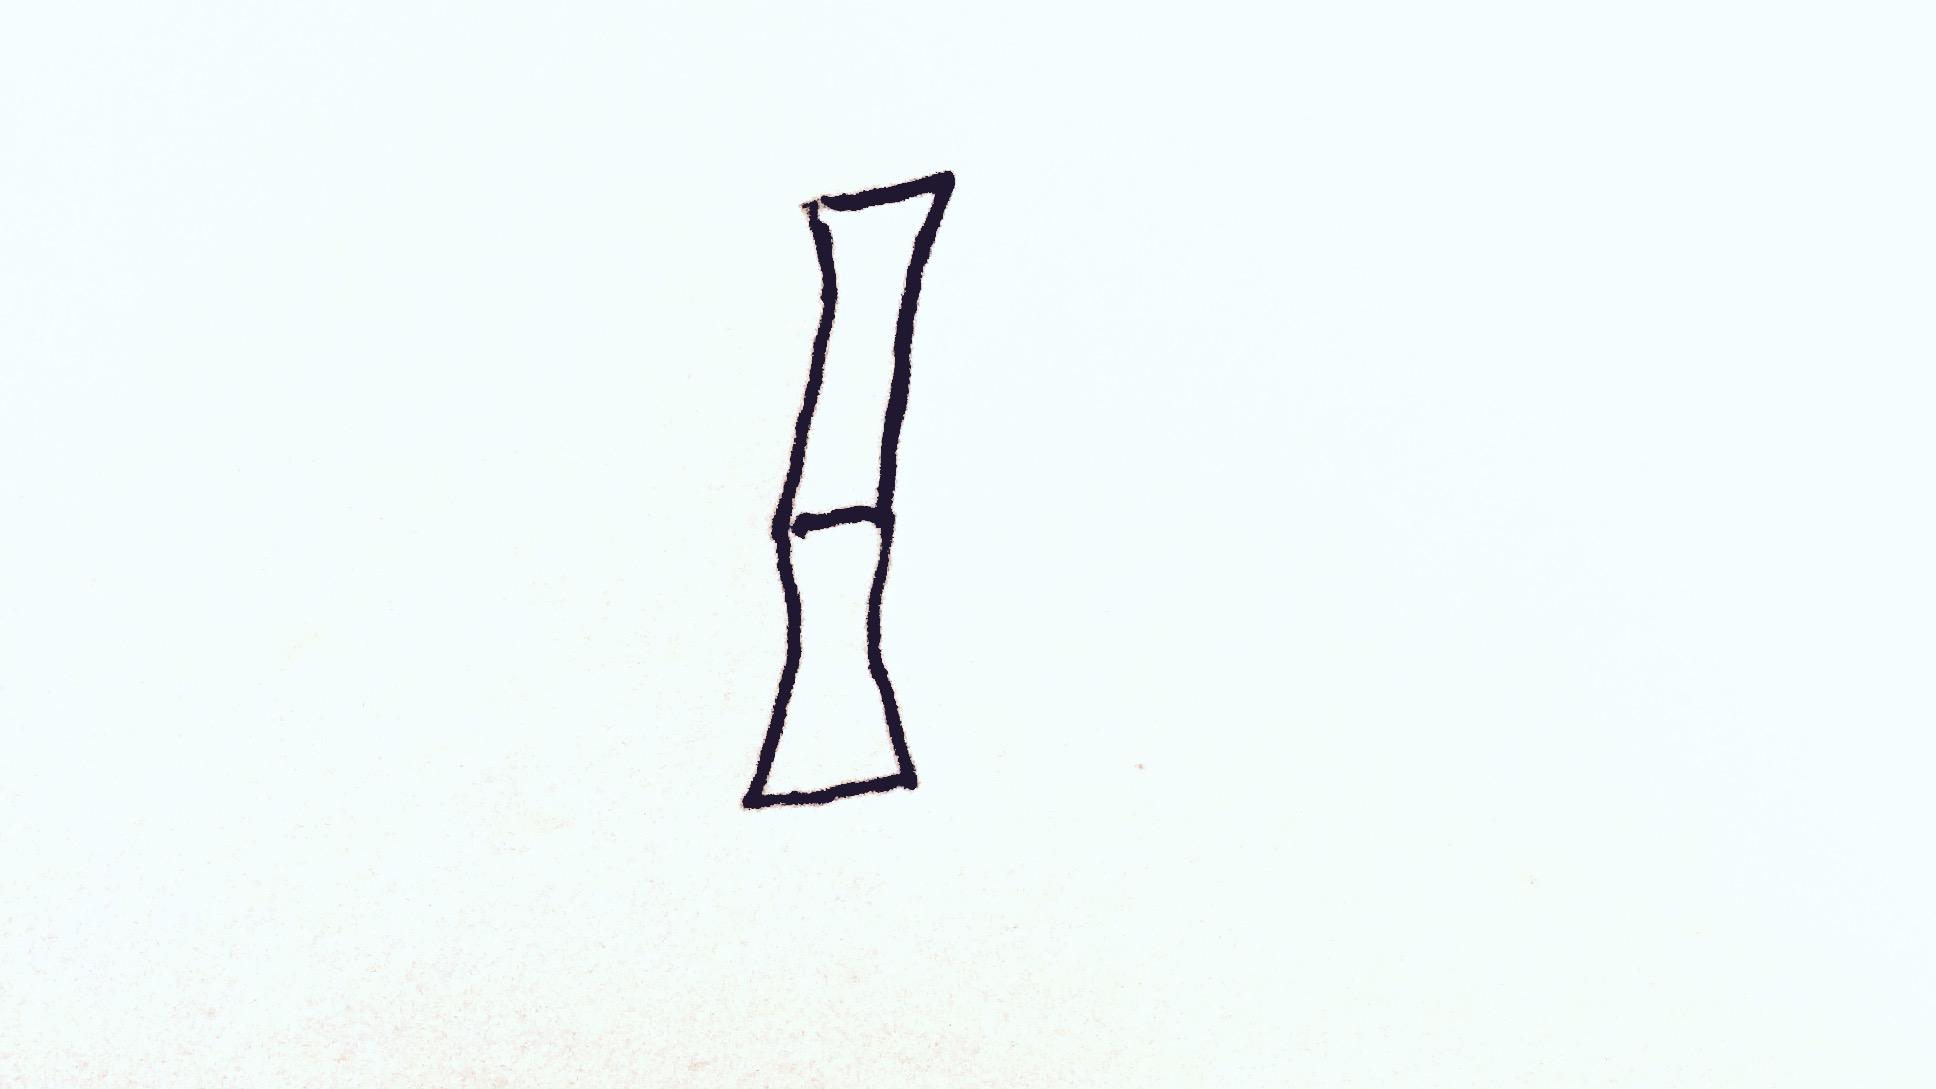 竹子简笔画,竹子的画法简单教程